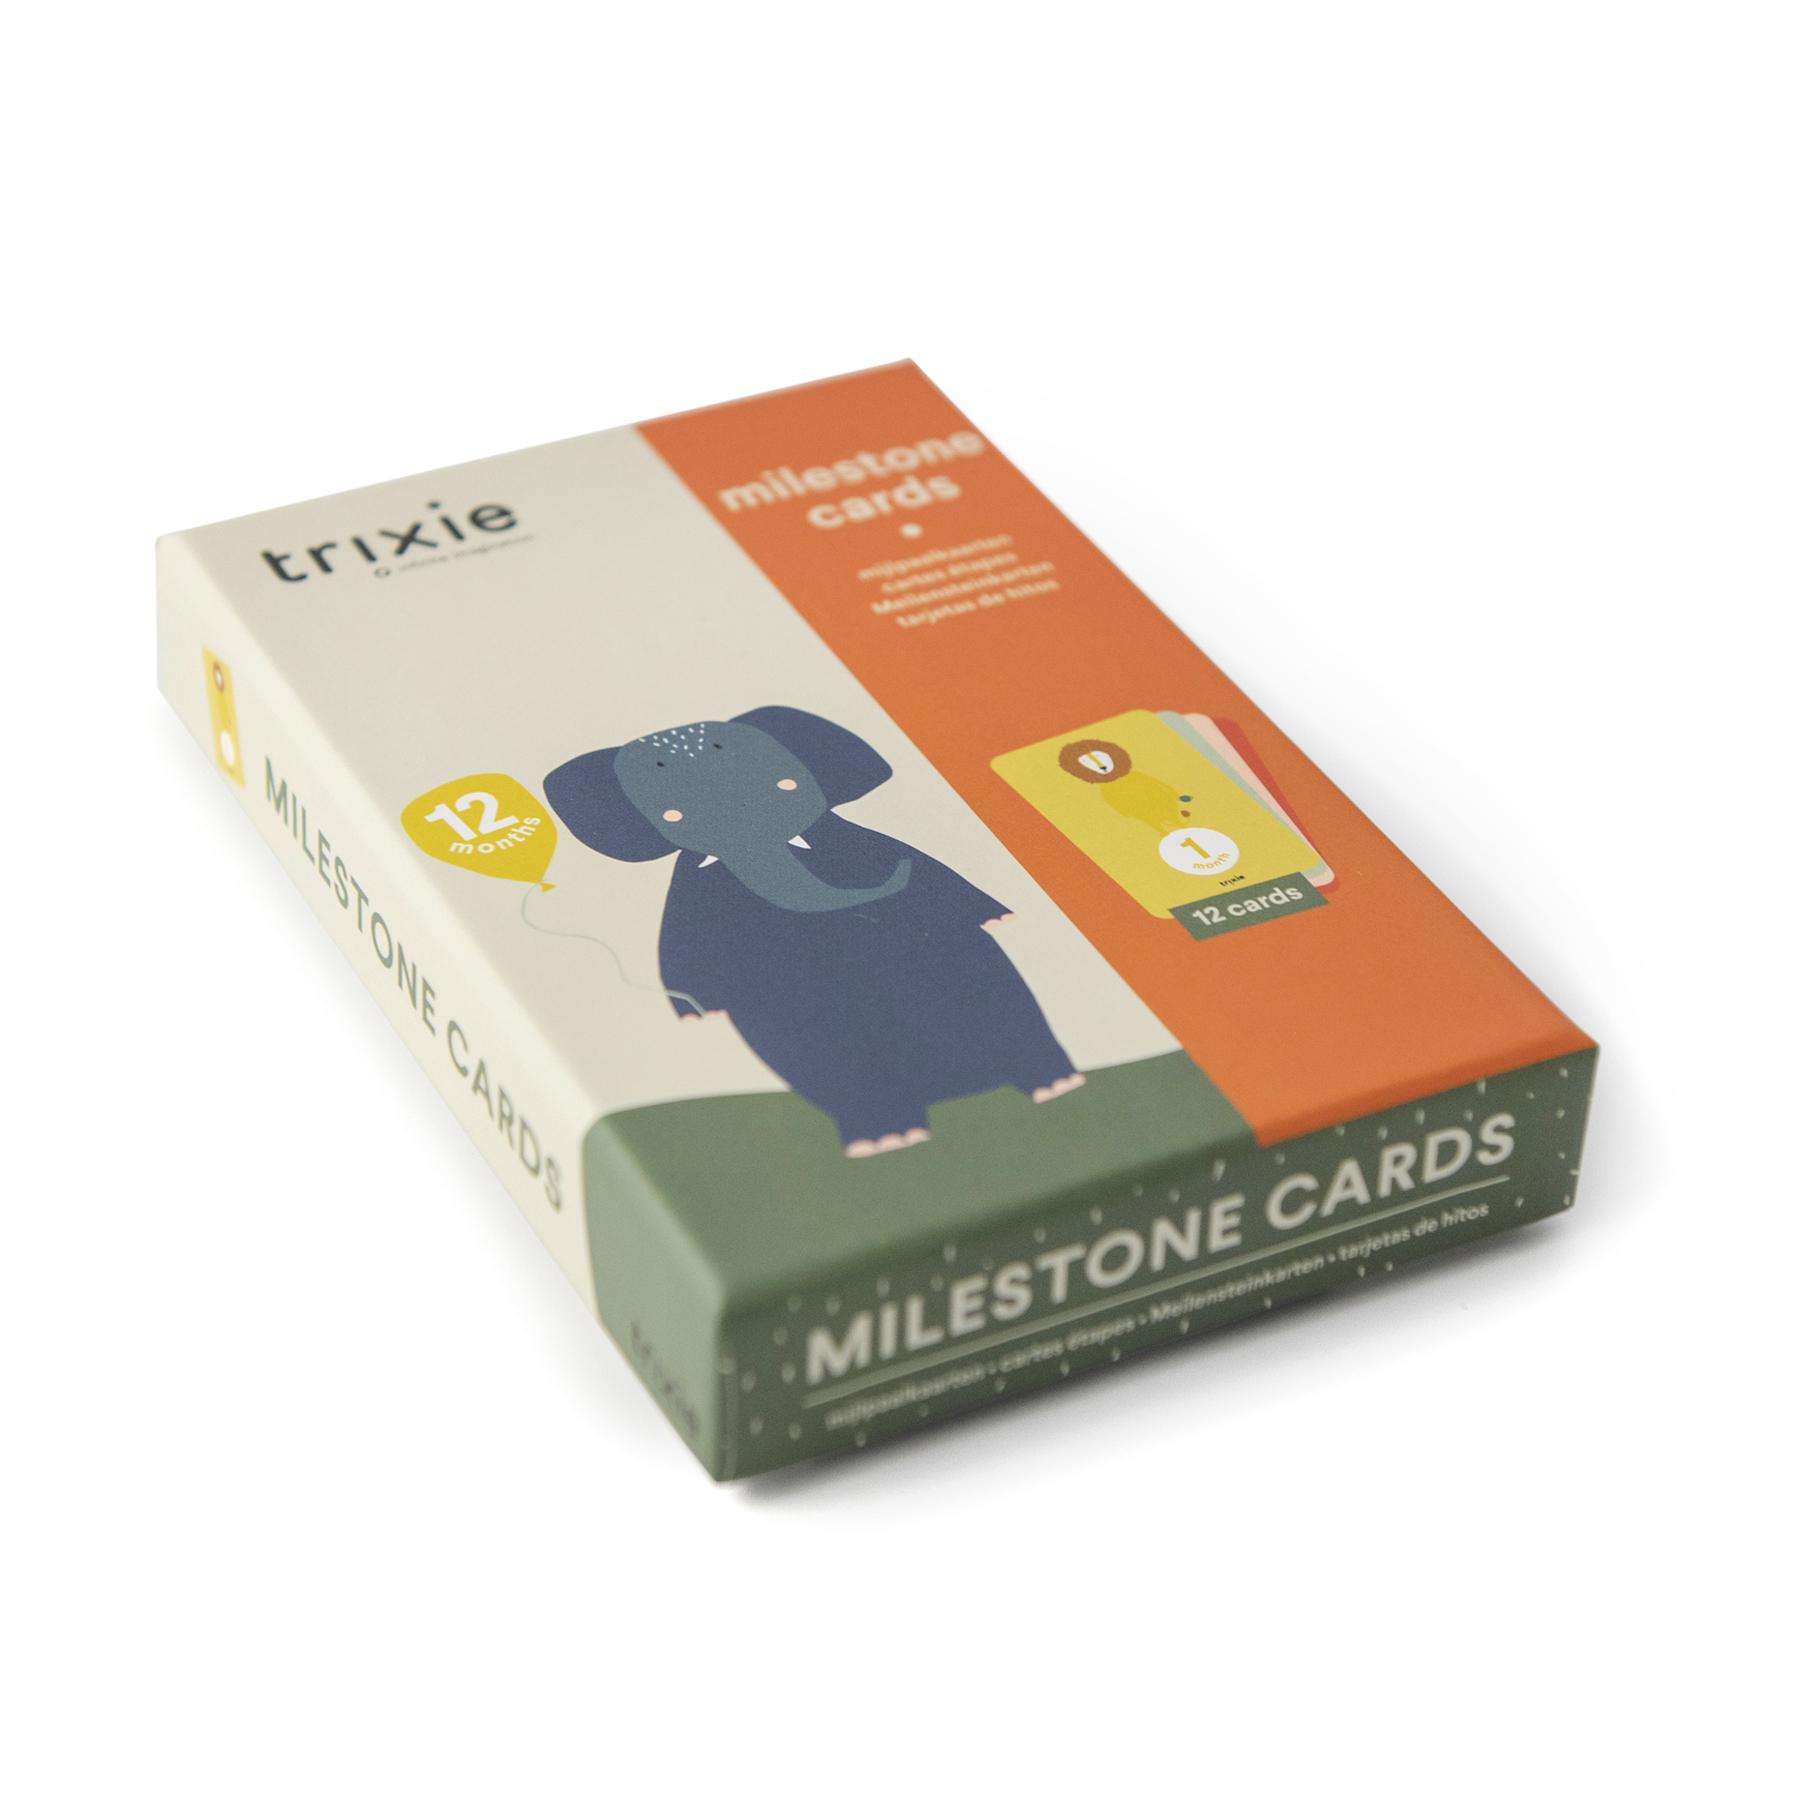 Afbeelding Trixie Milestone Cards